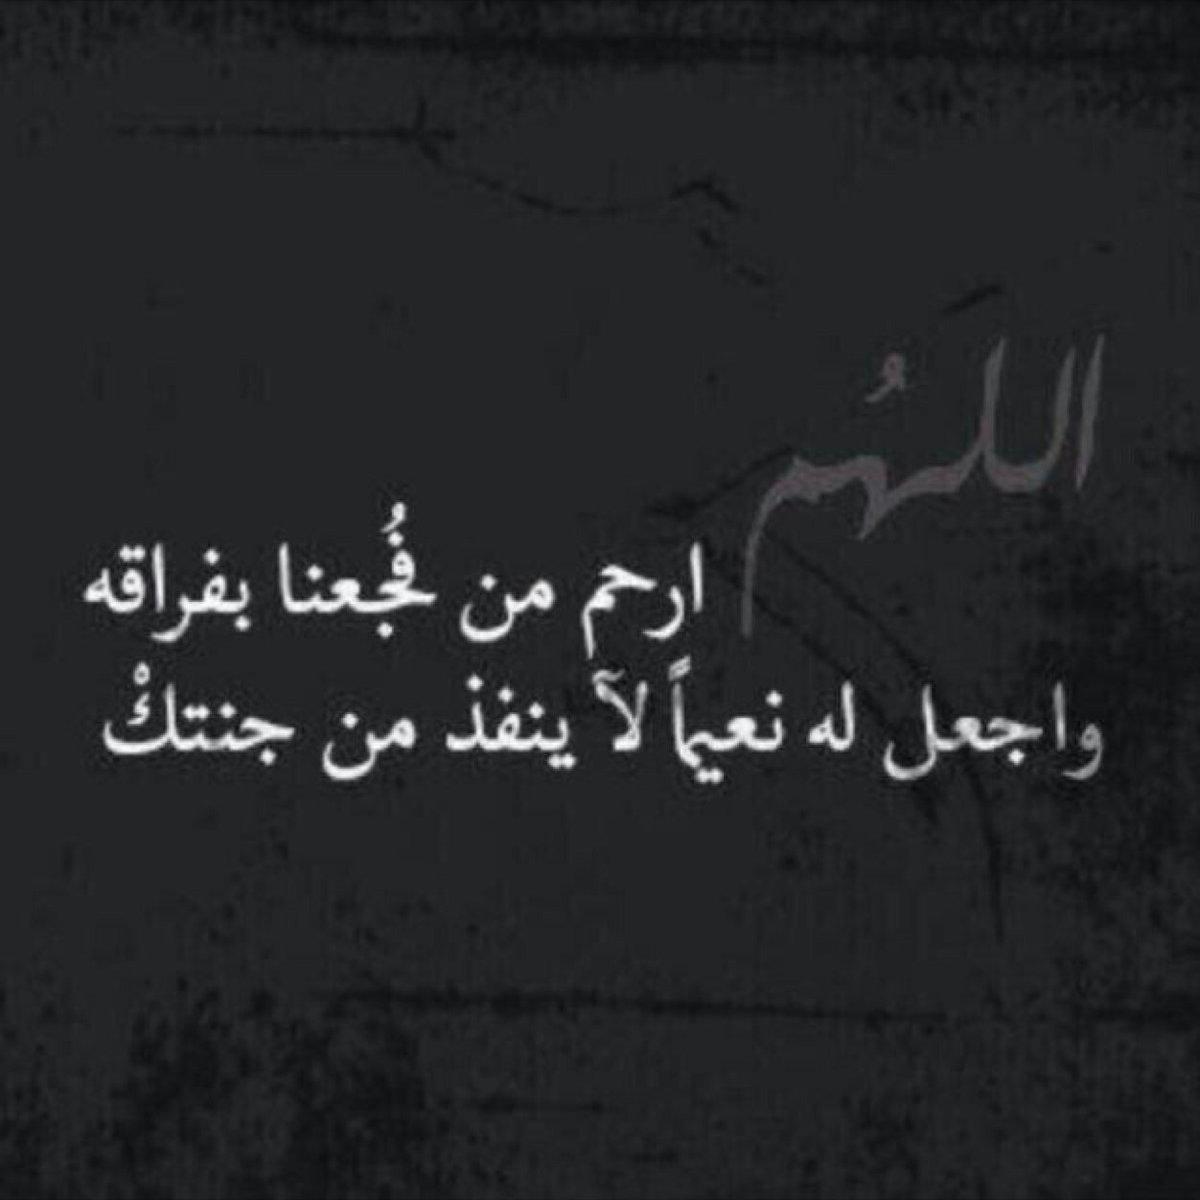 كلام حزين عن موت صديق Aiqtabas Blog